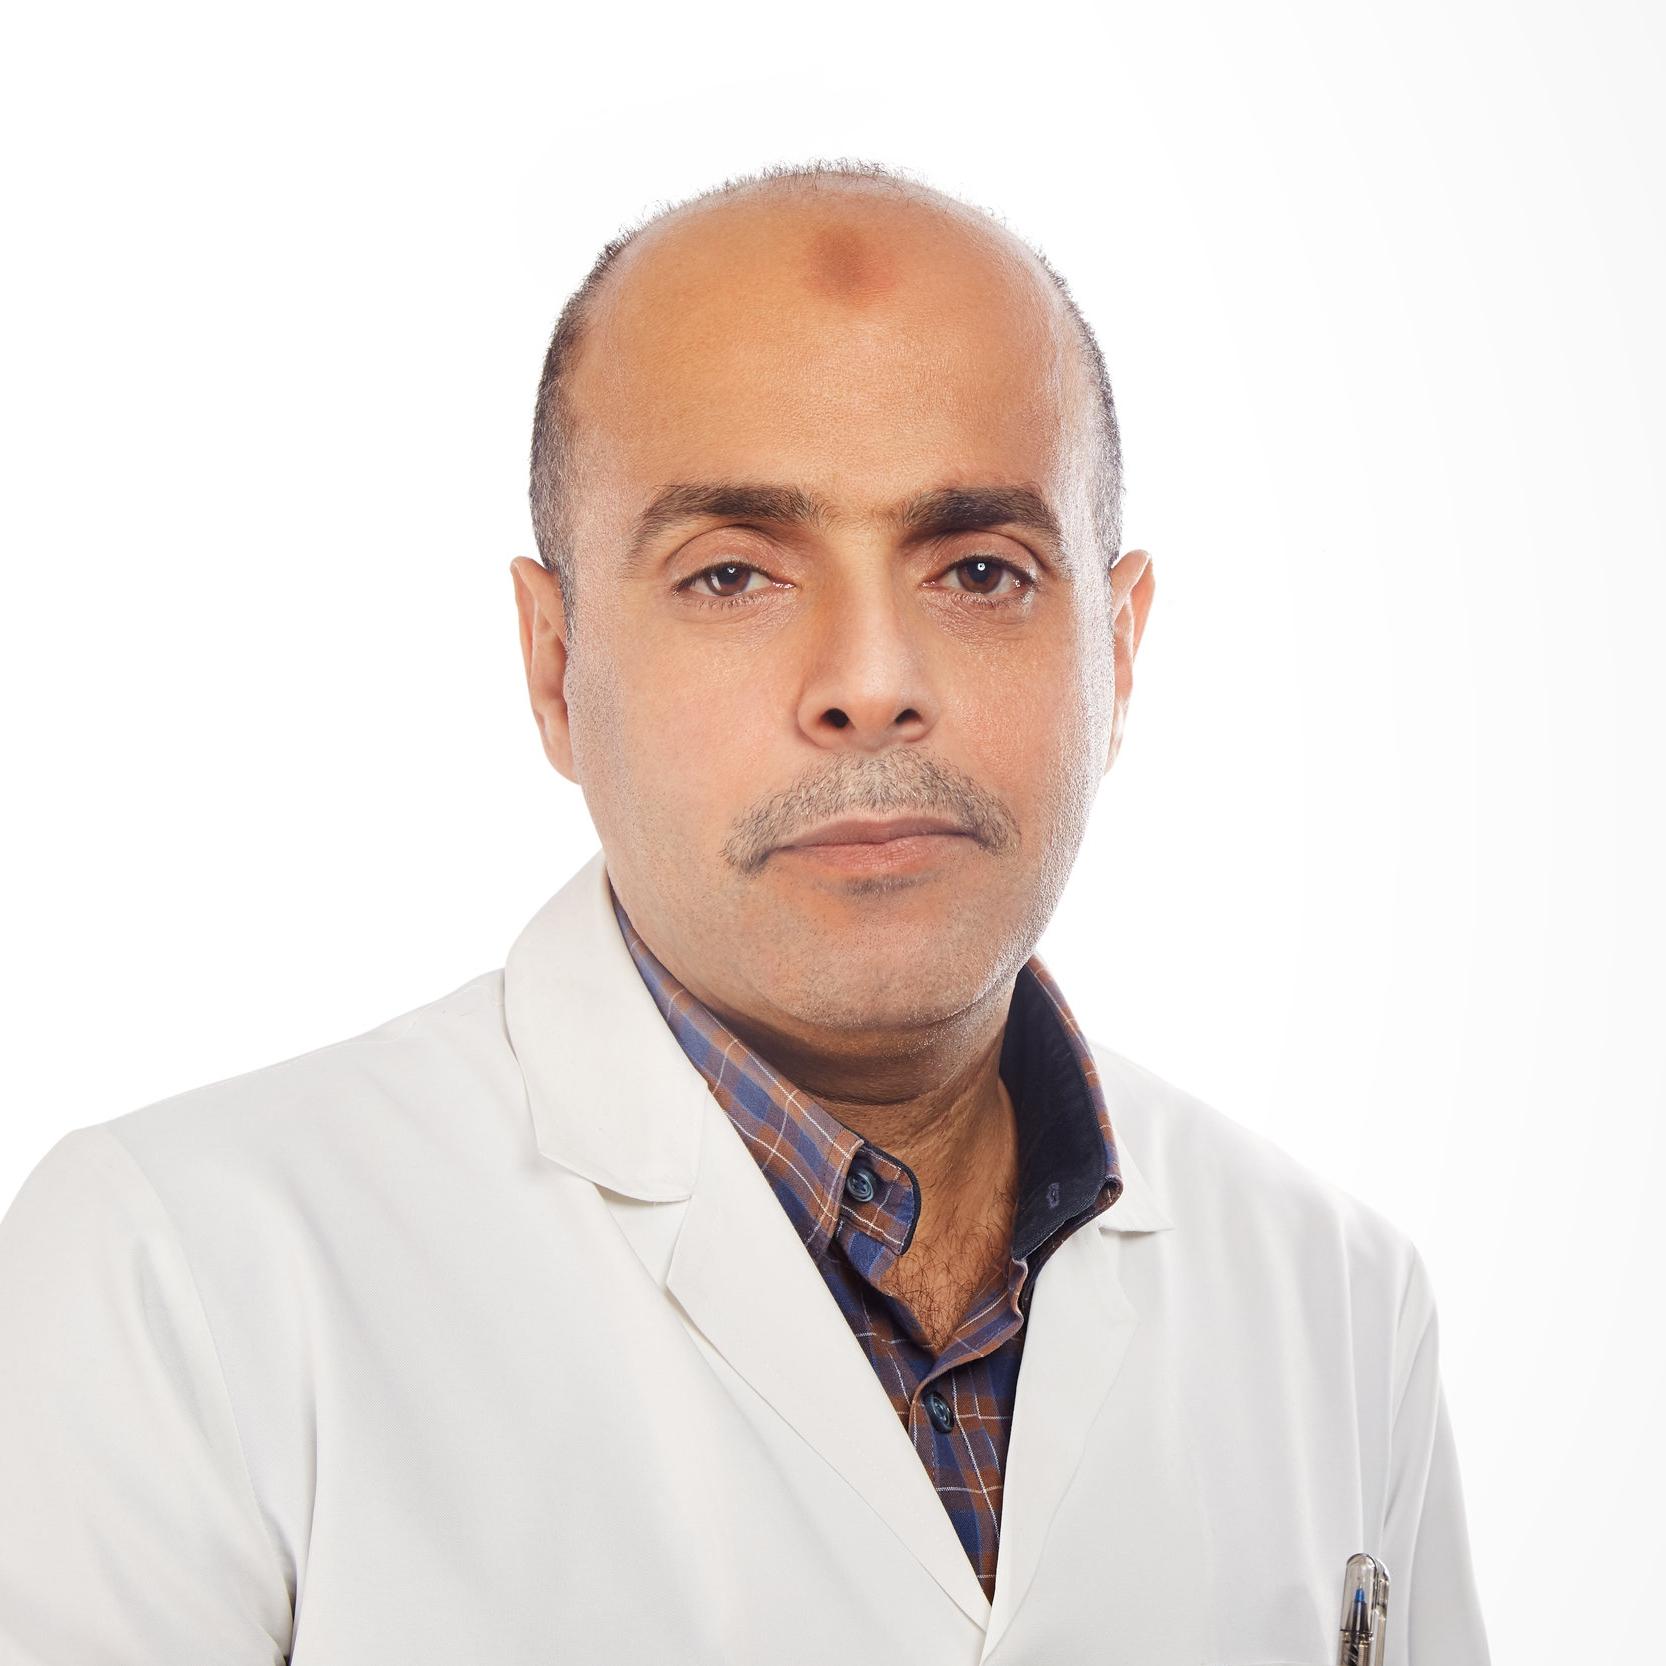 Dr. Salem Abdelrahman